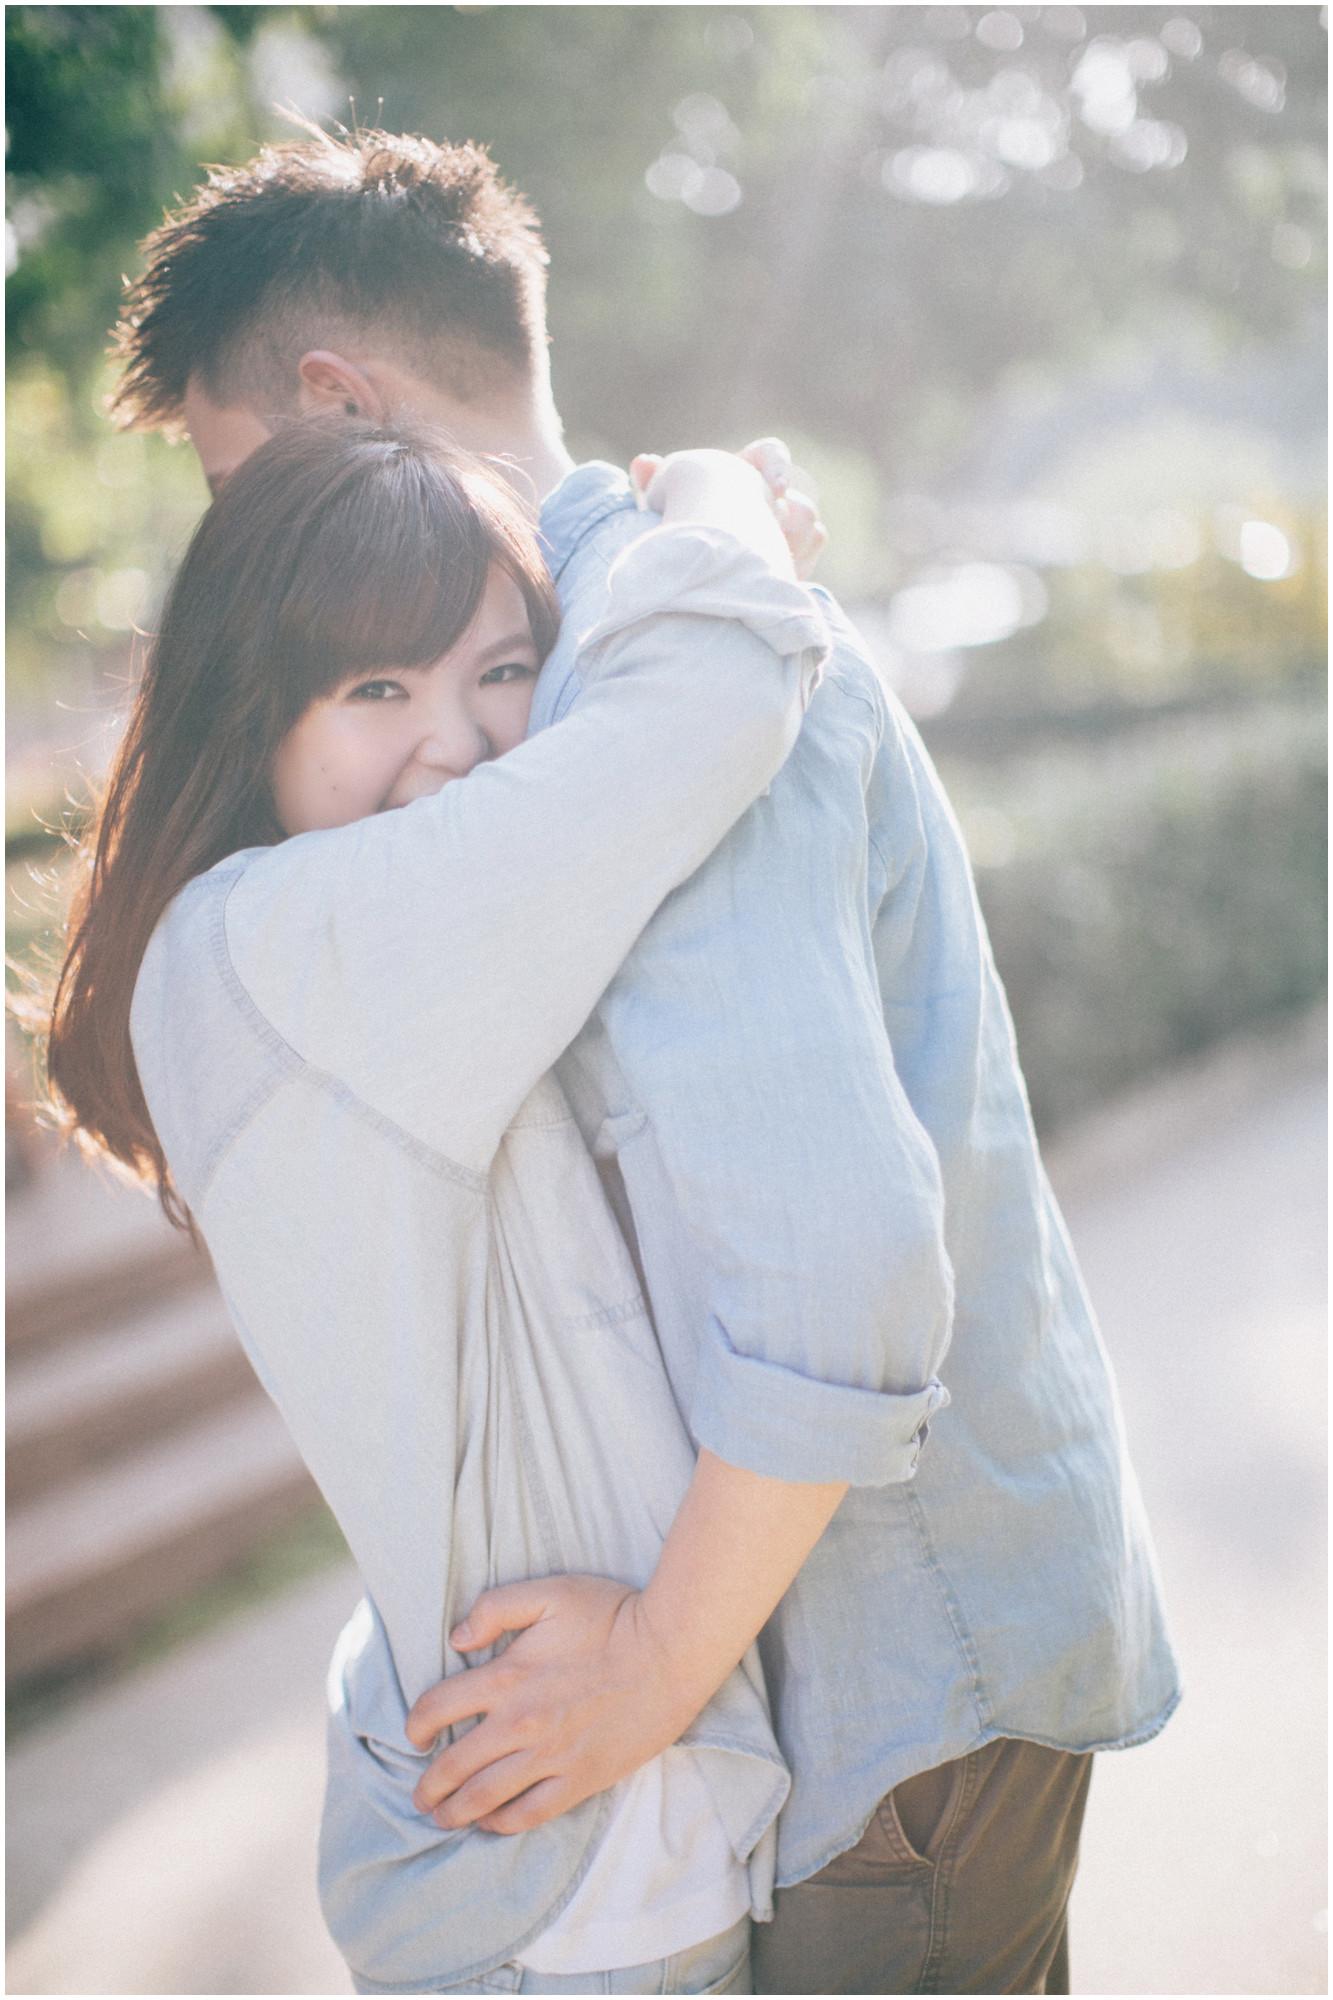 華山藝文中心 / 紀州庵婚紗 / 素人婚紗 / 自然系婚紗